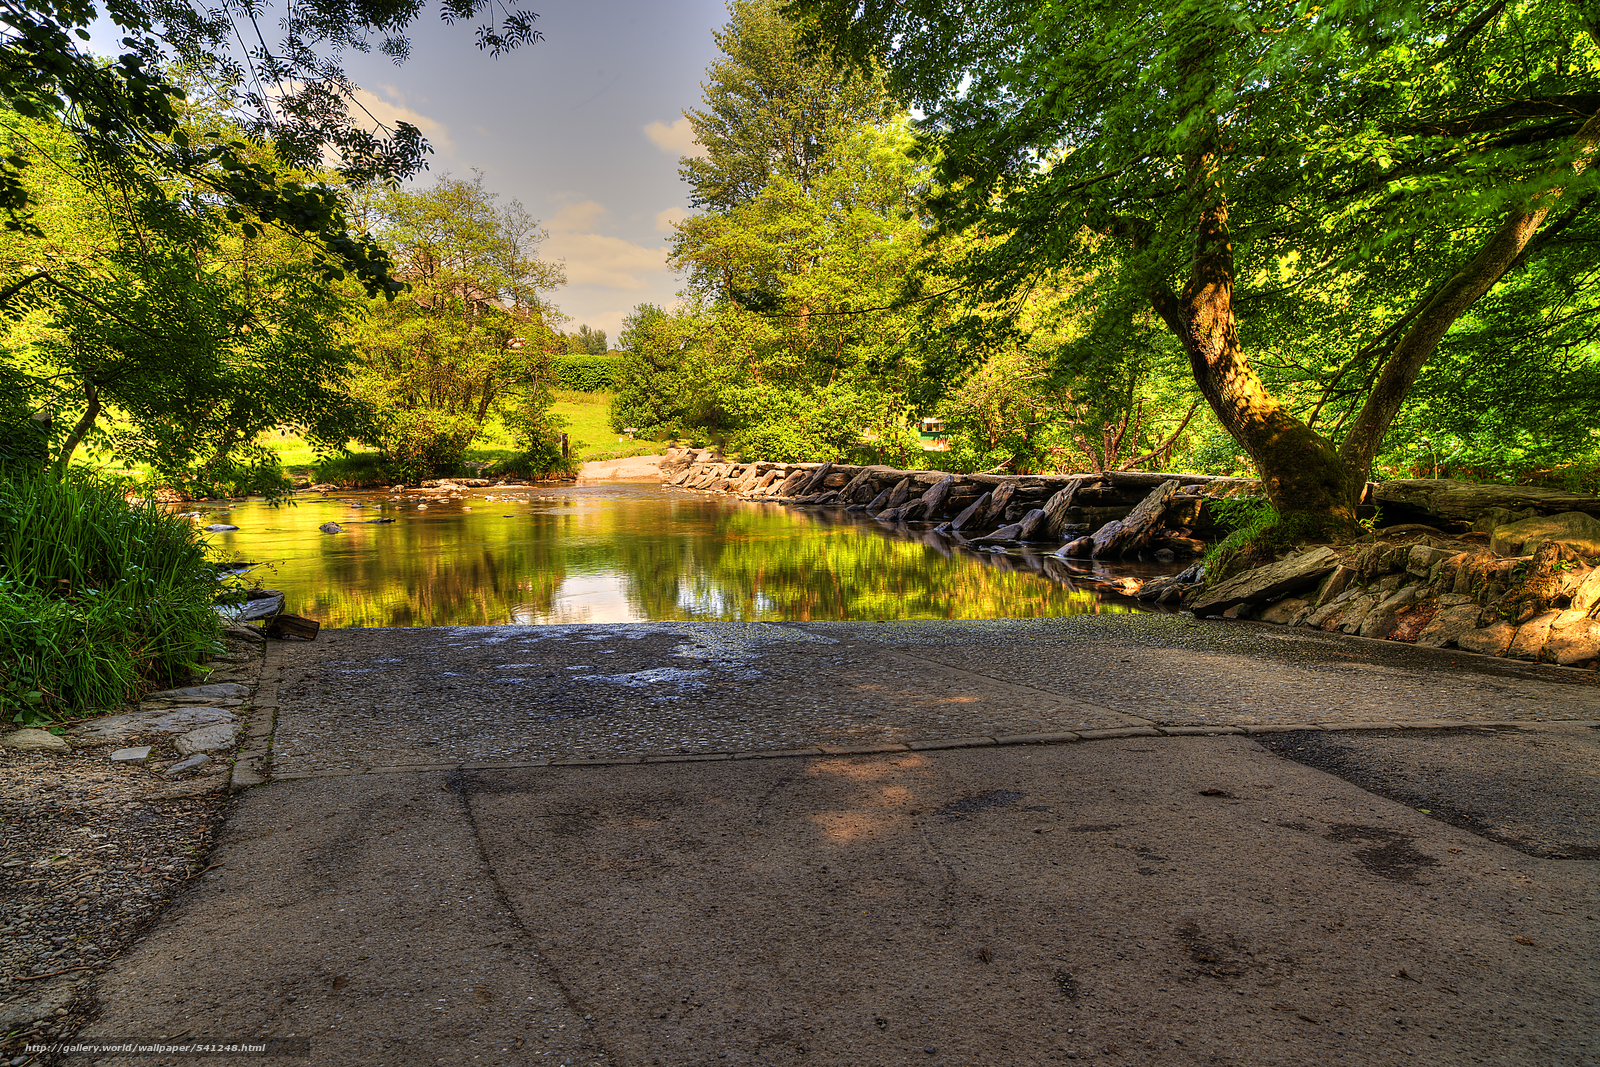 Скачать обои Тарр Шаги,  Эксмур,  Великобритания,  река бесплатно для рабочего стола в разрешении 6048x4032 — картинка №541248